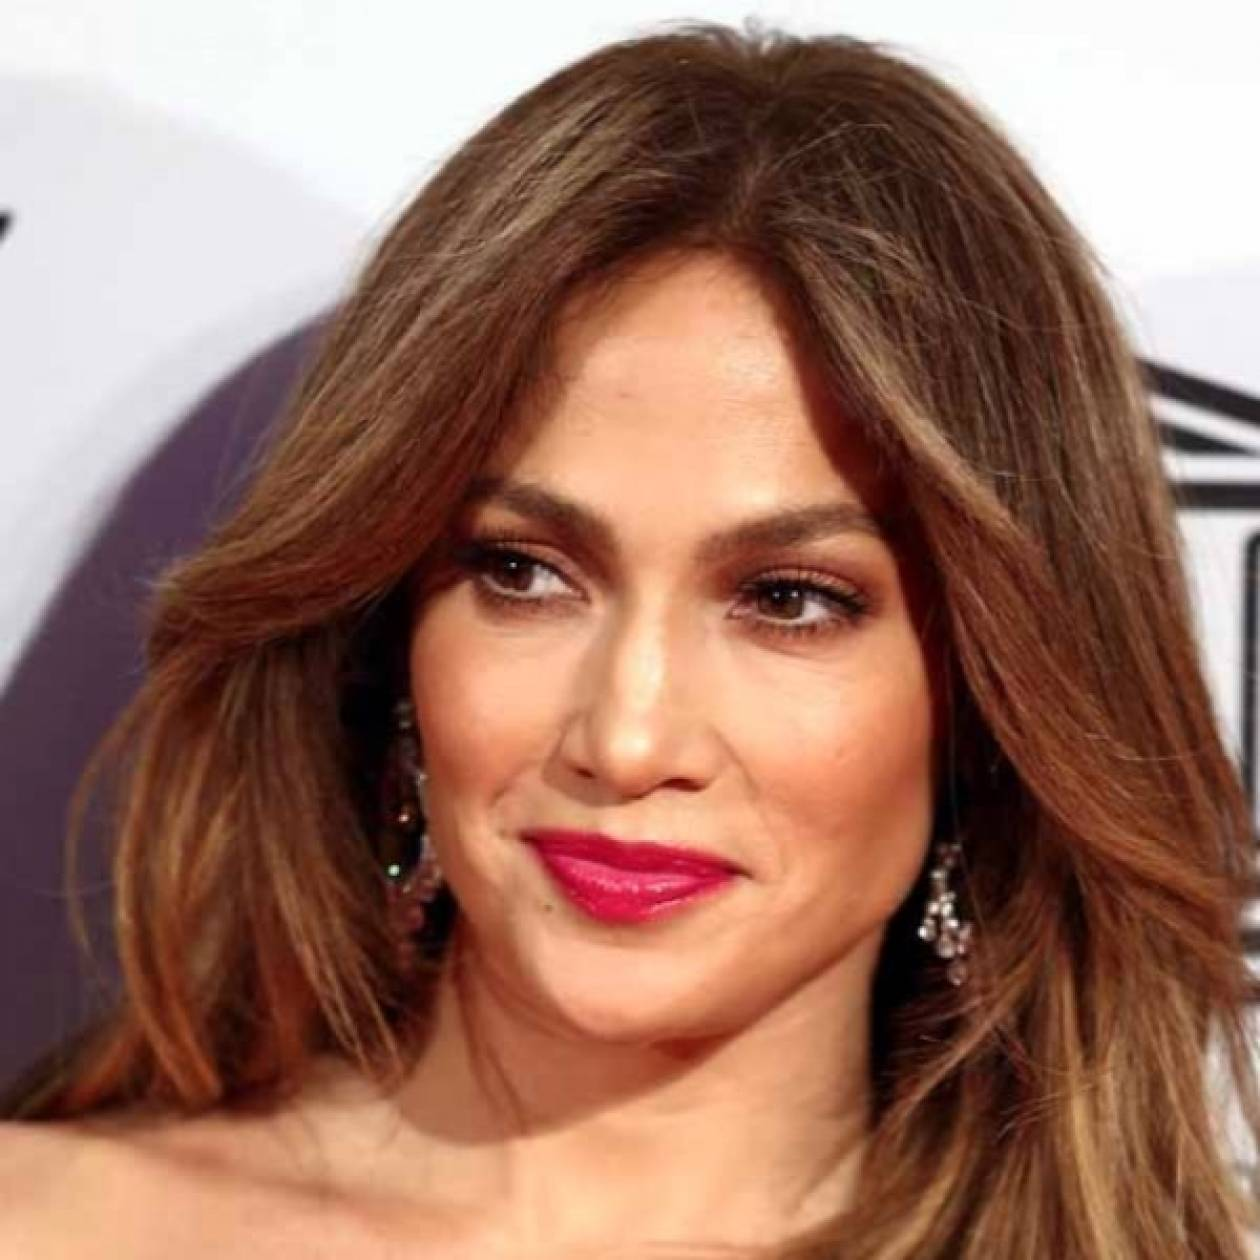 Η Jennifer Lopez επιστρέφει με ρόλο σε τηλεοπτική σειρά!